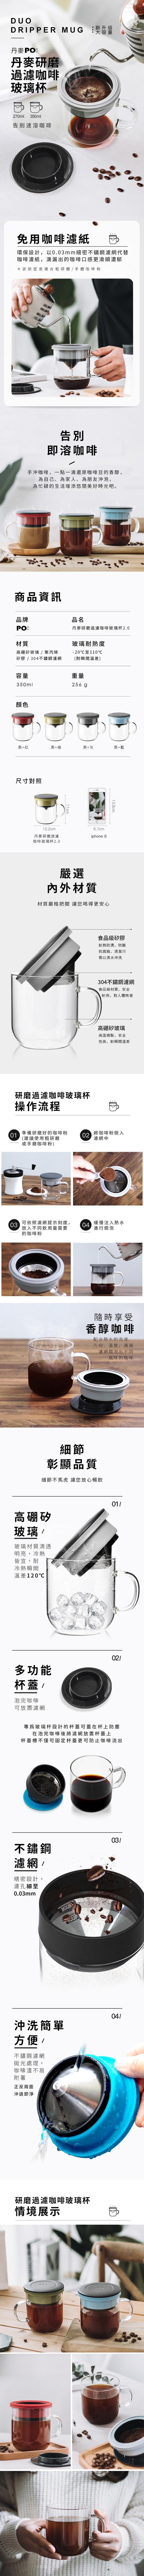 (複製)PO:Selected|丹麥手沖咖啡禮盒組(手動不鏽鋼咖啡磨2.0/咖啡玻璃杯350ml-黑灰)